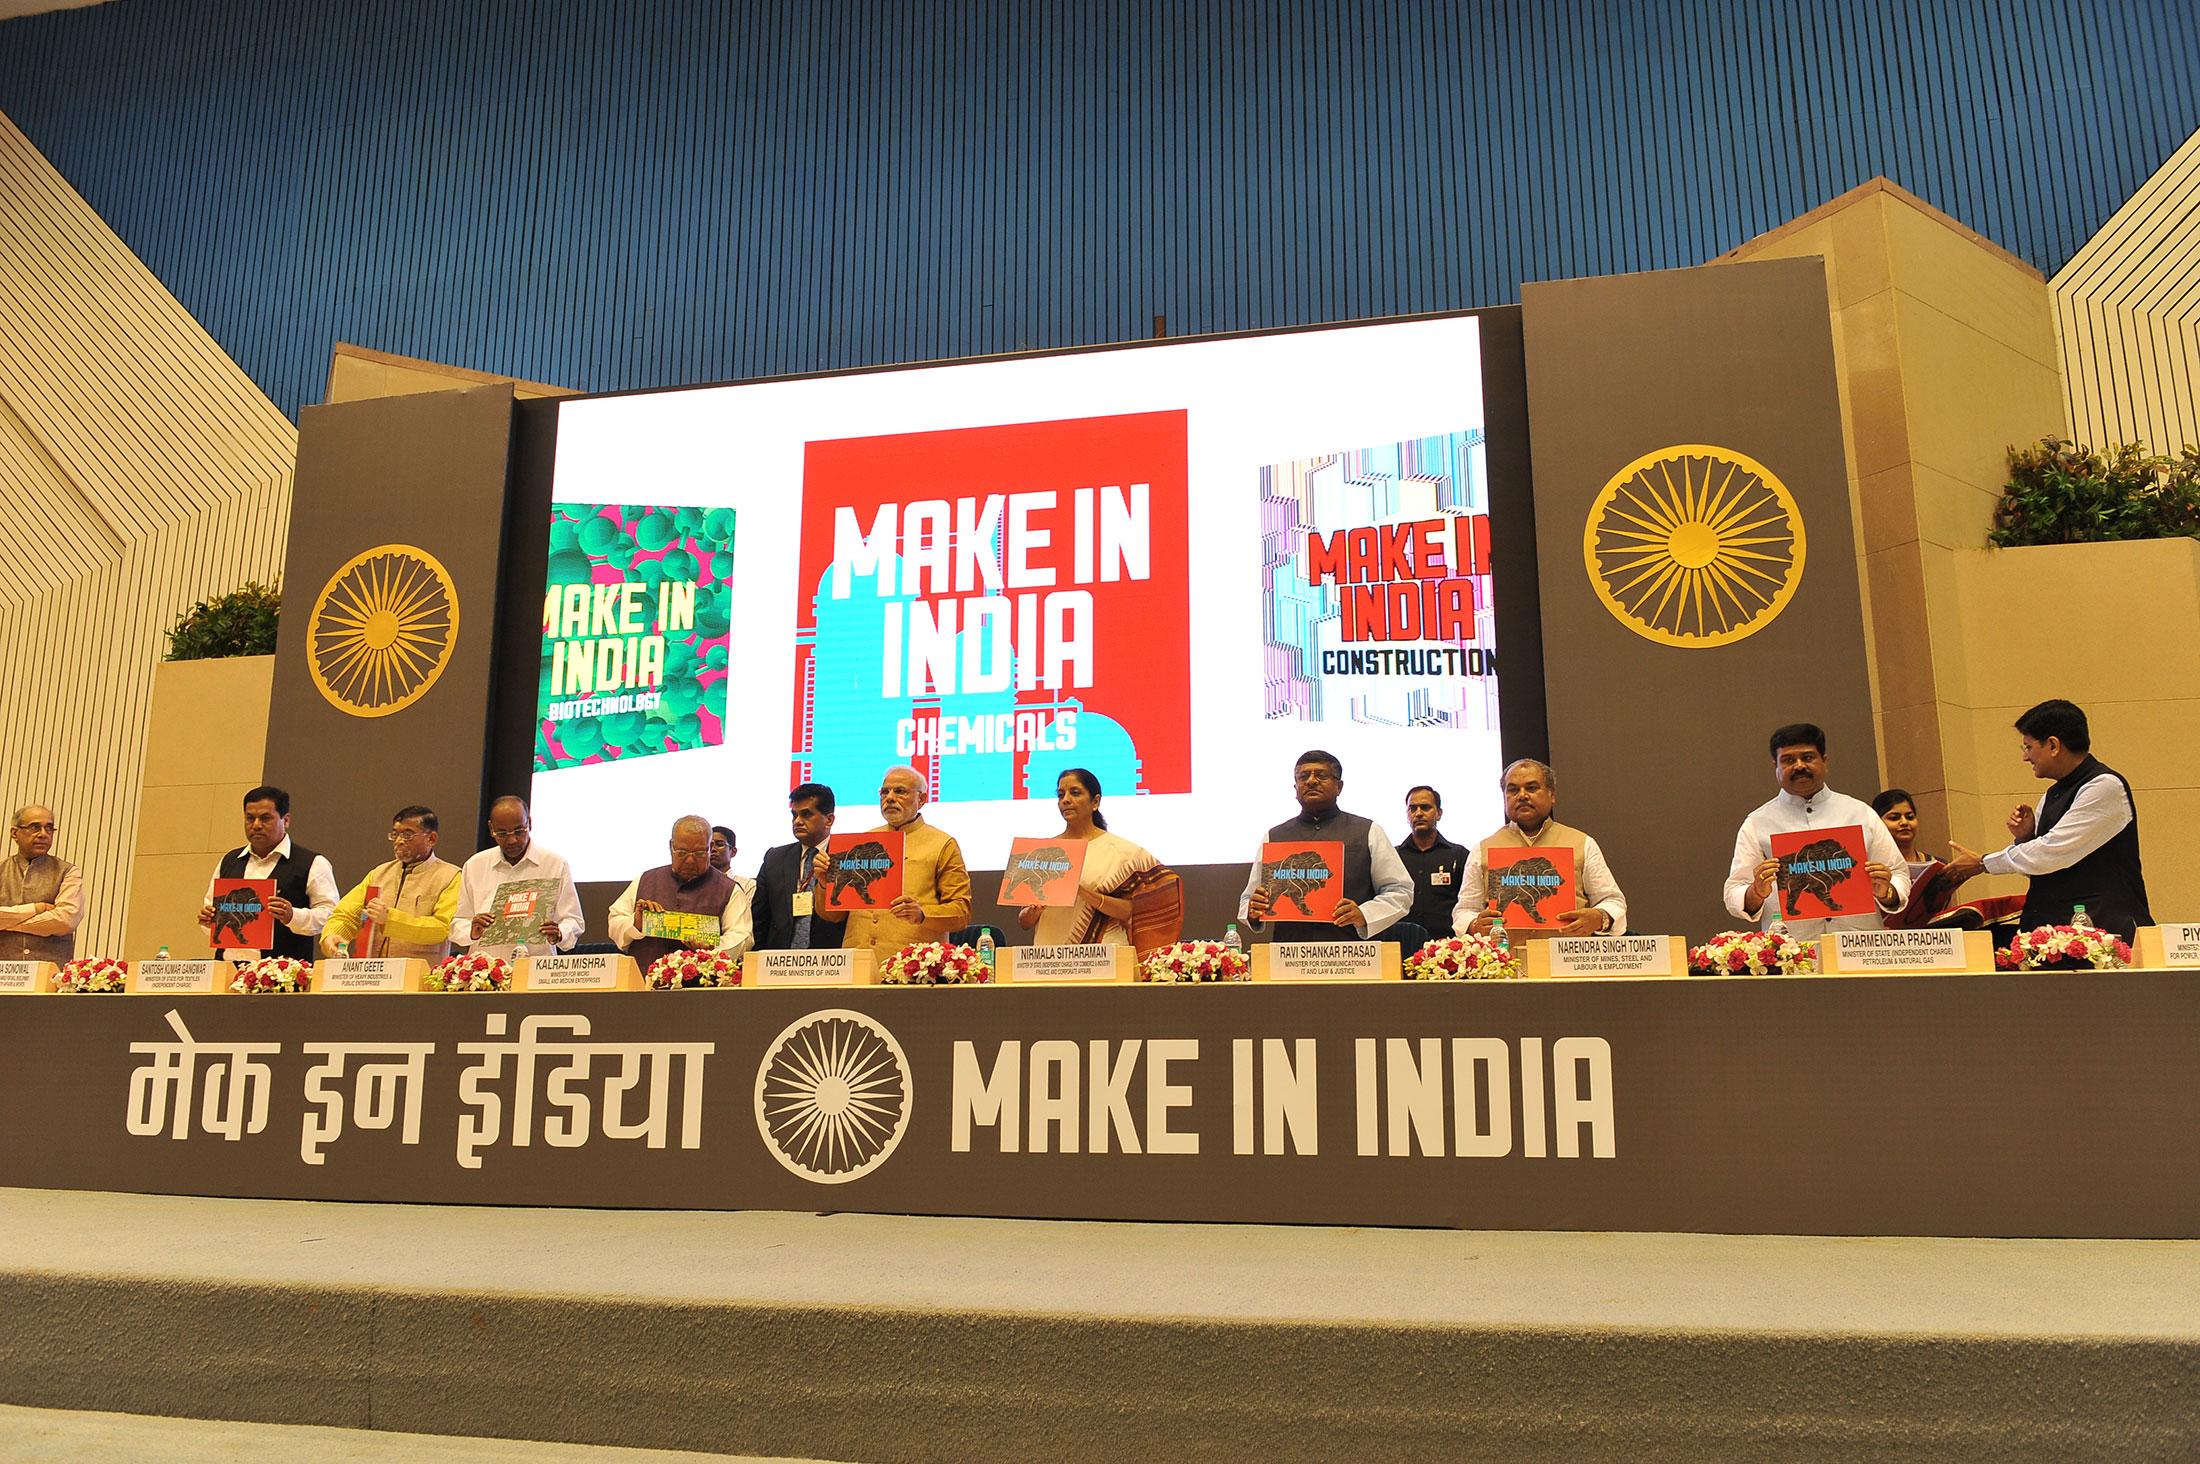 make-in-india-modi-politica